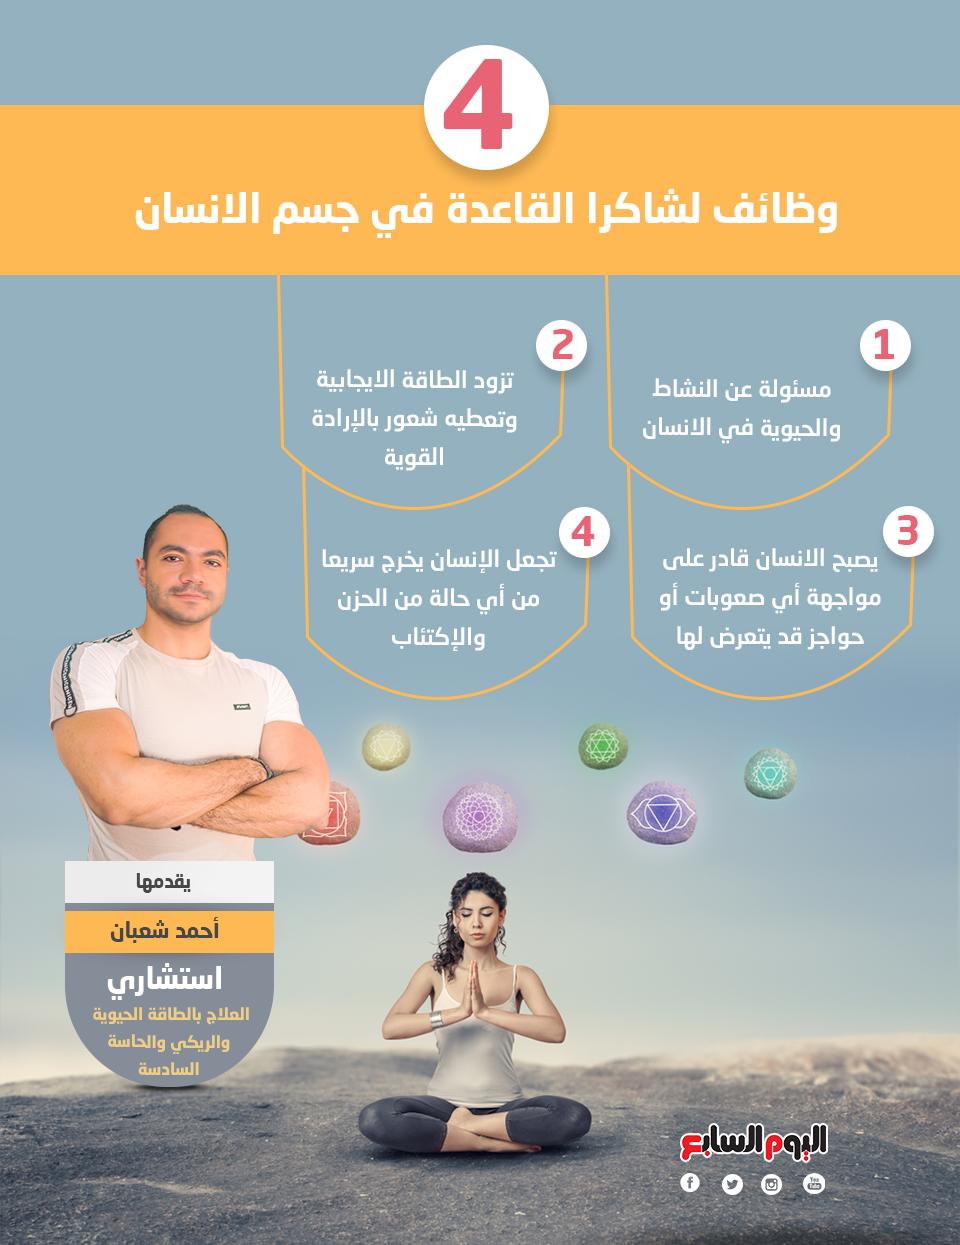 4 وظائف لشاكرا القاعدة في جسم الانسان